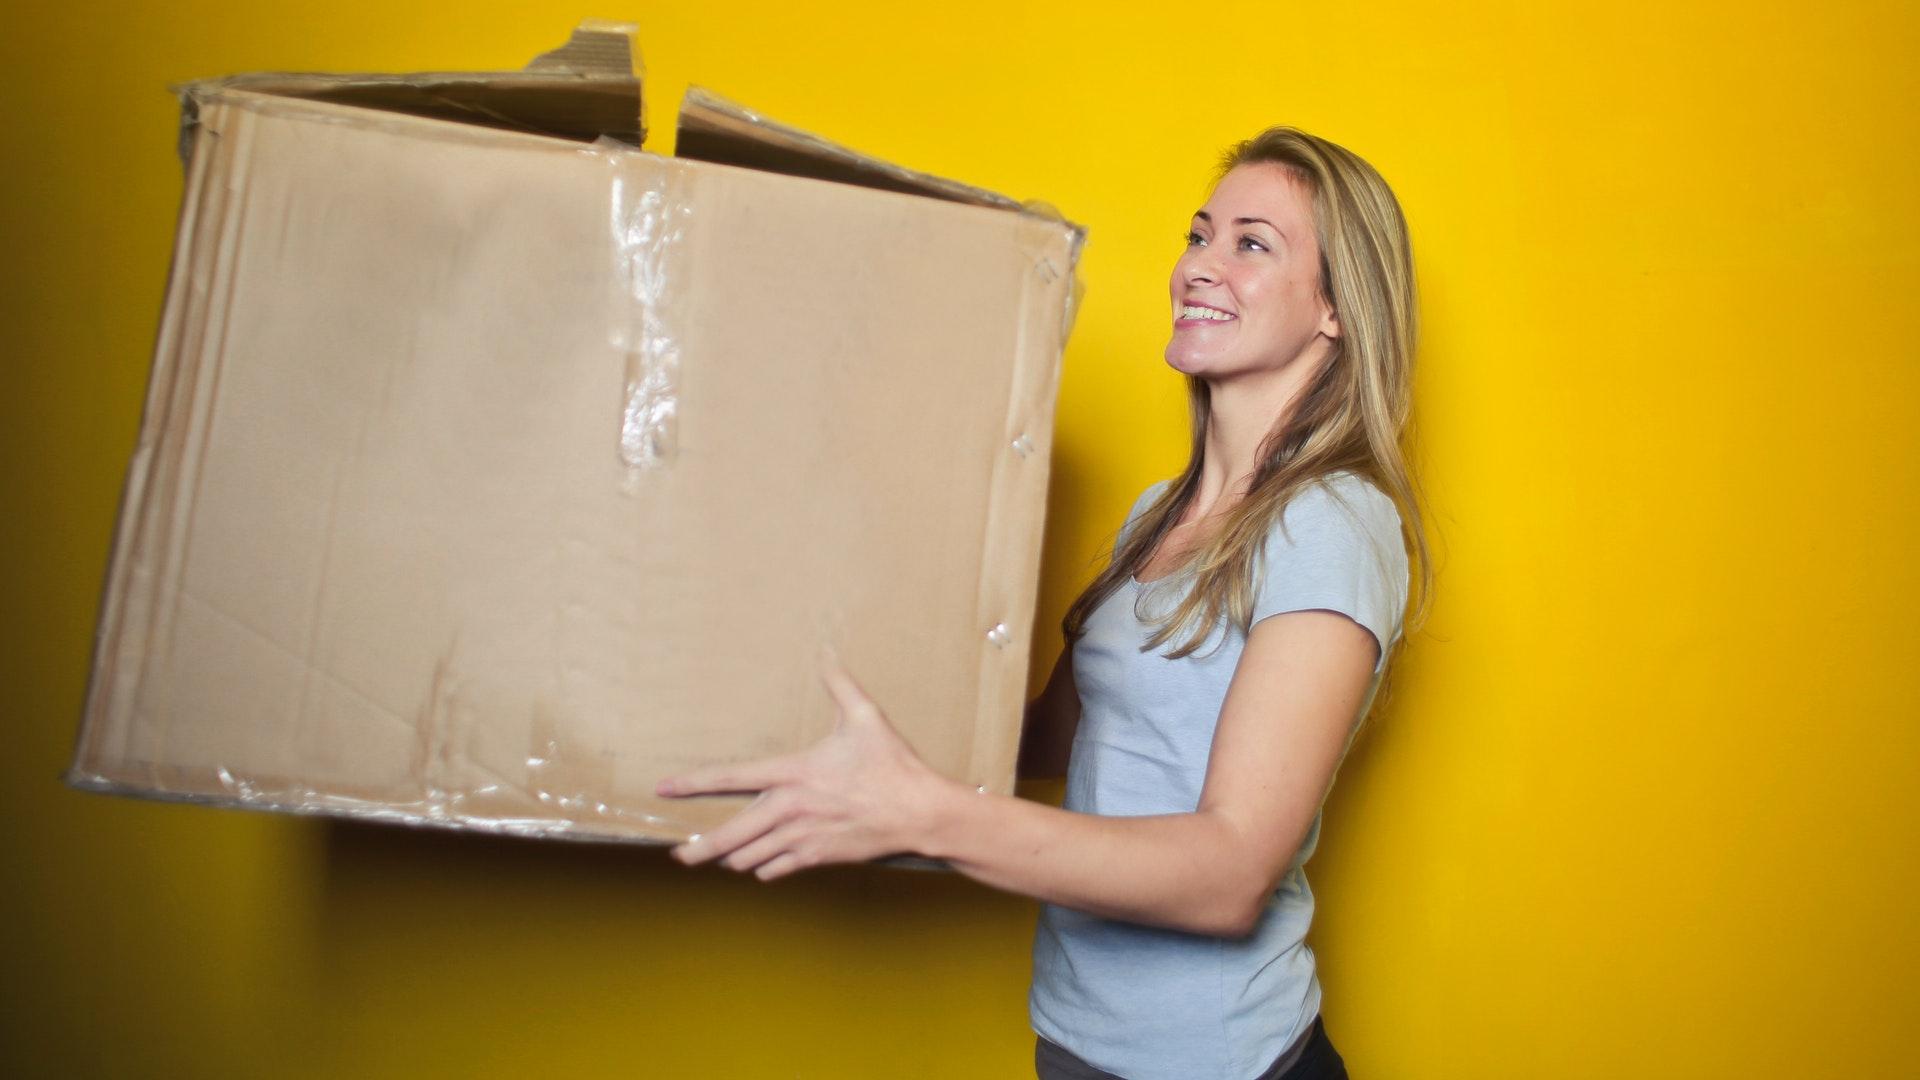 une fille qui déménage en utilisant une boîte de déménagement